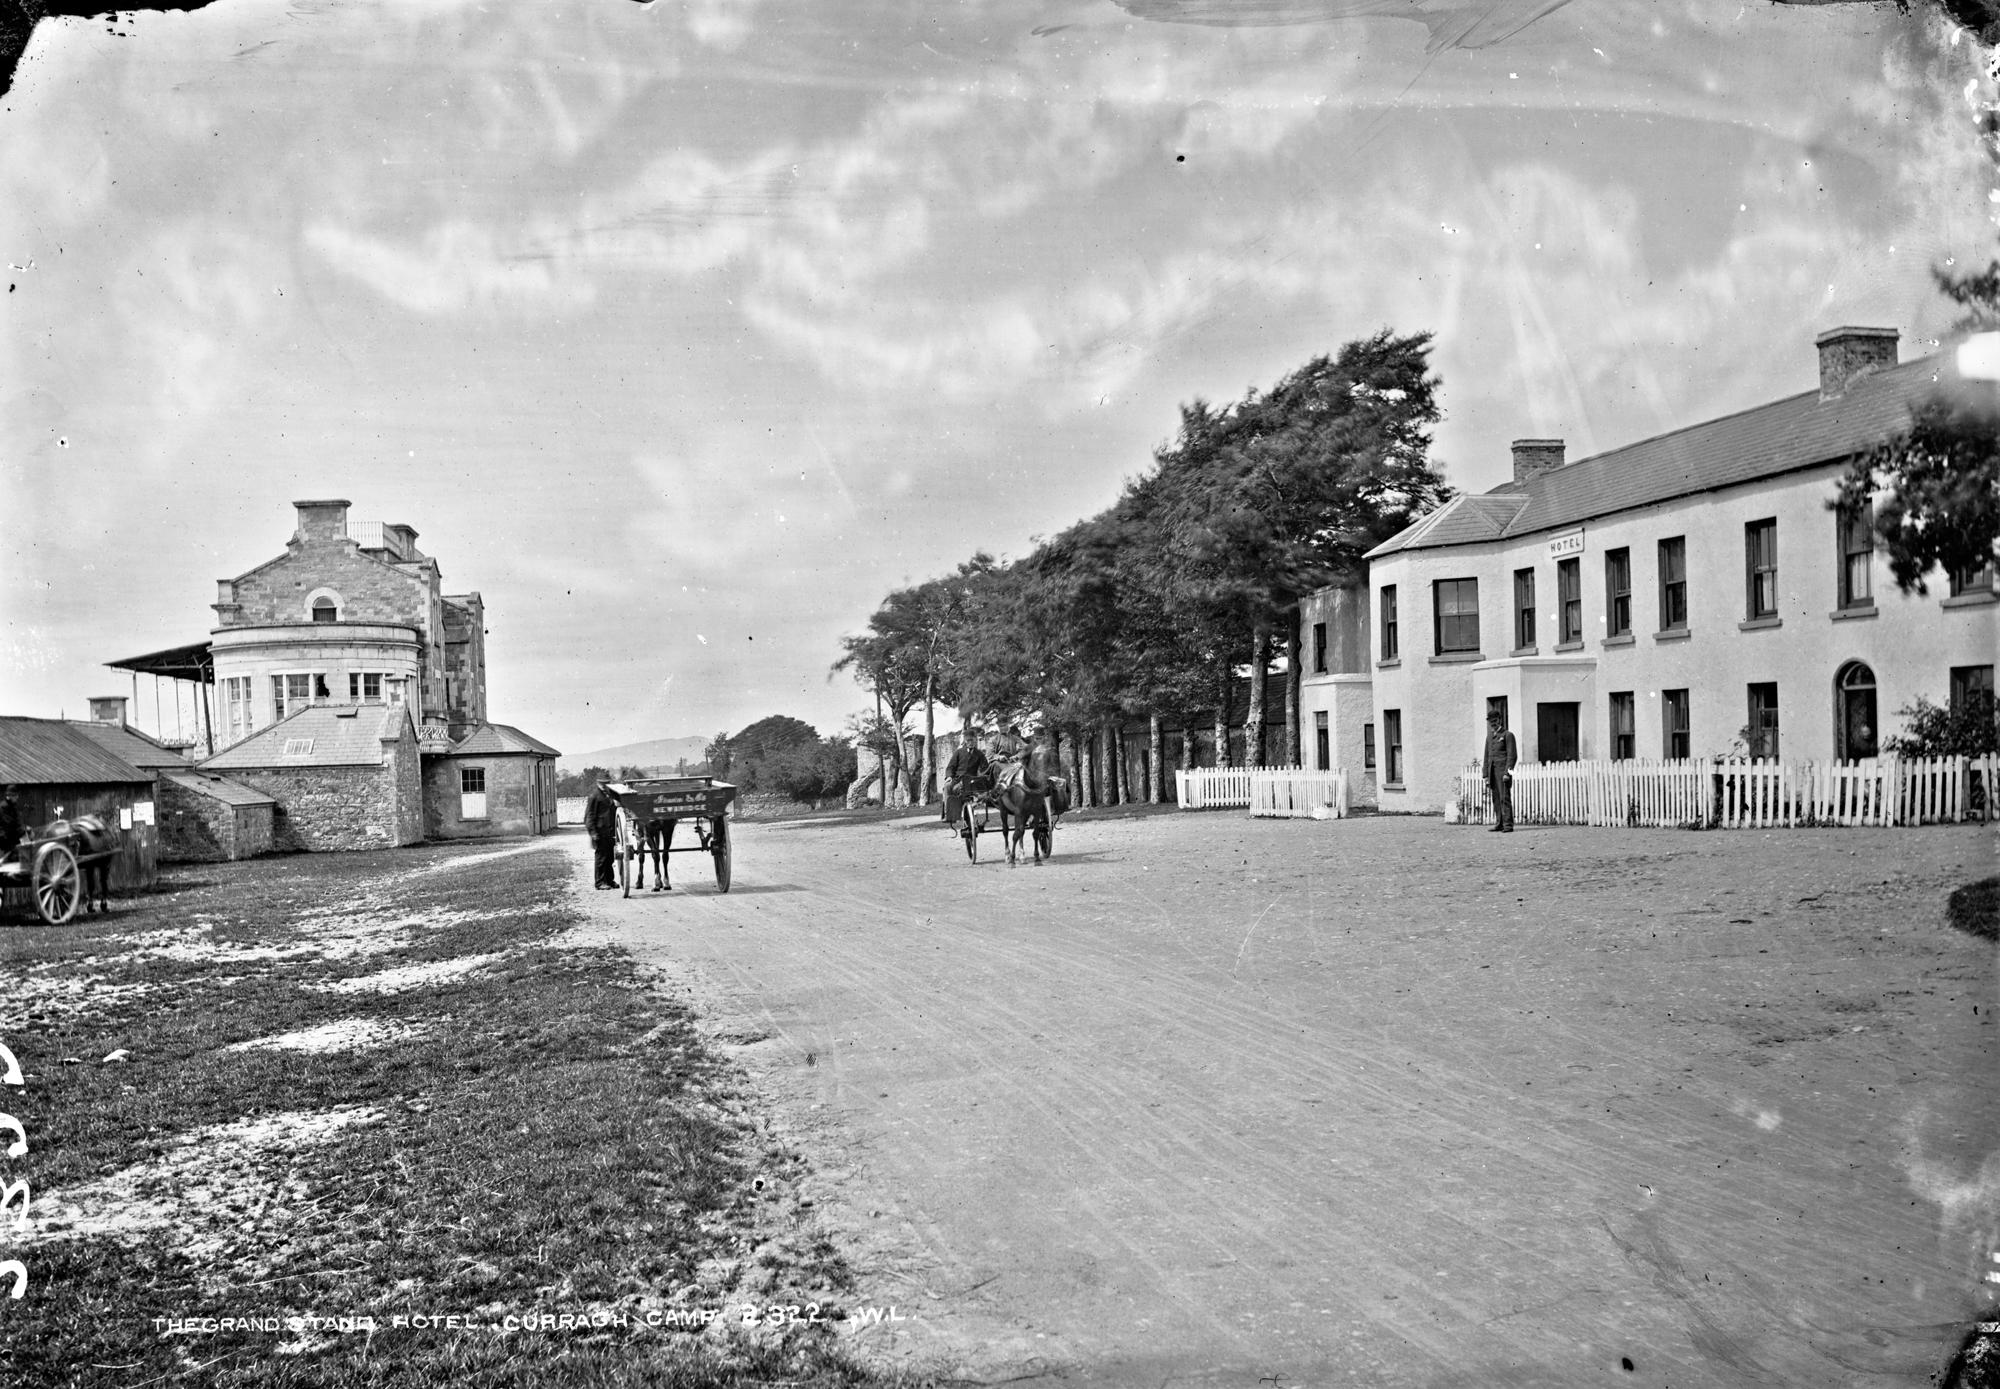 The Grand Stand Hotel, Curragh Camp